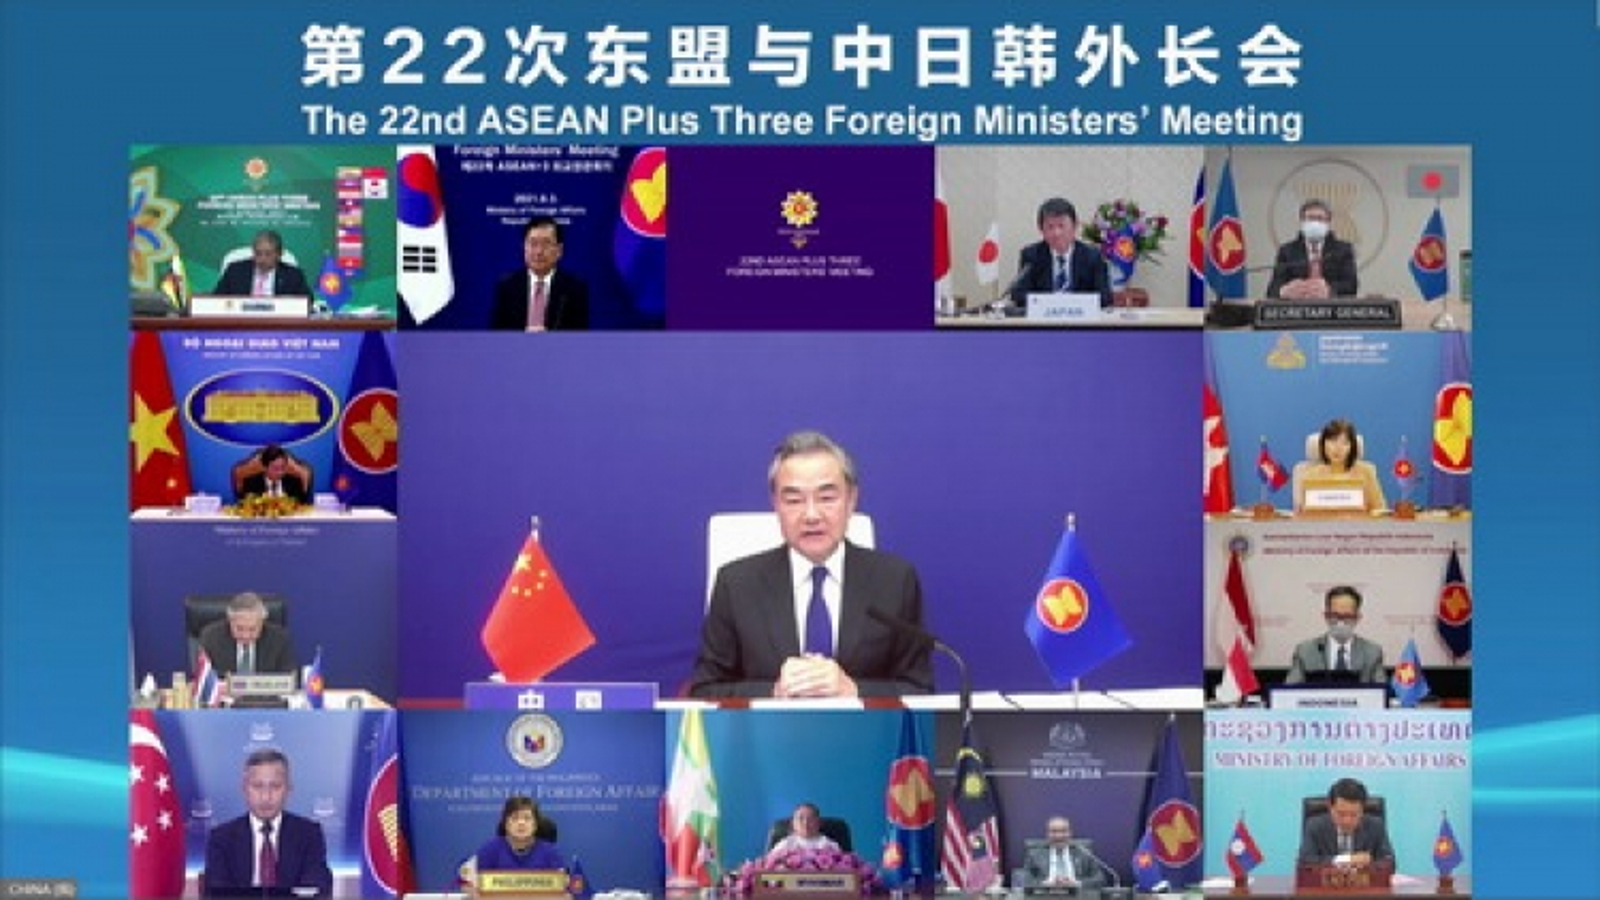 Trung Quốc cung cấp hơn 750 triệu liều vaccine Covid-19 cho các nước